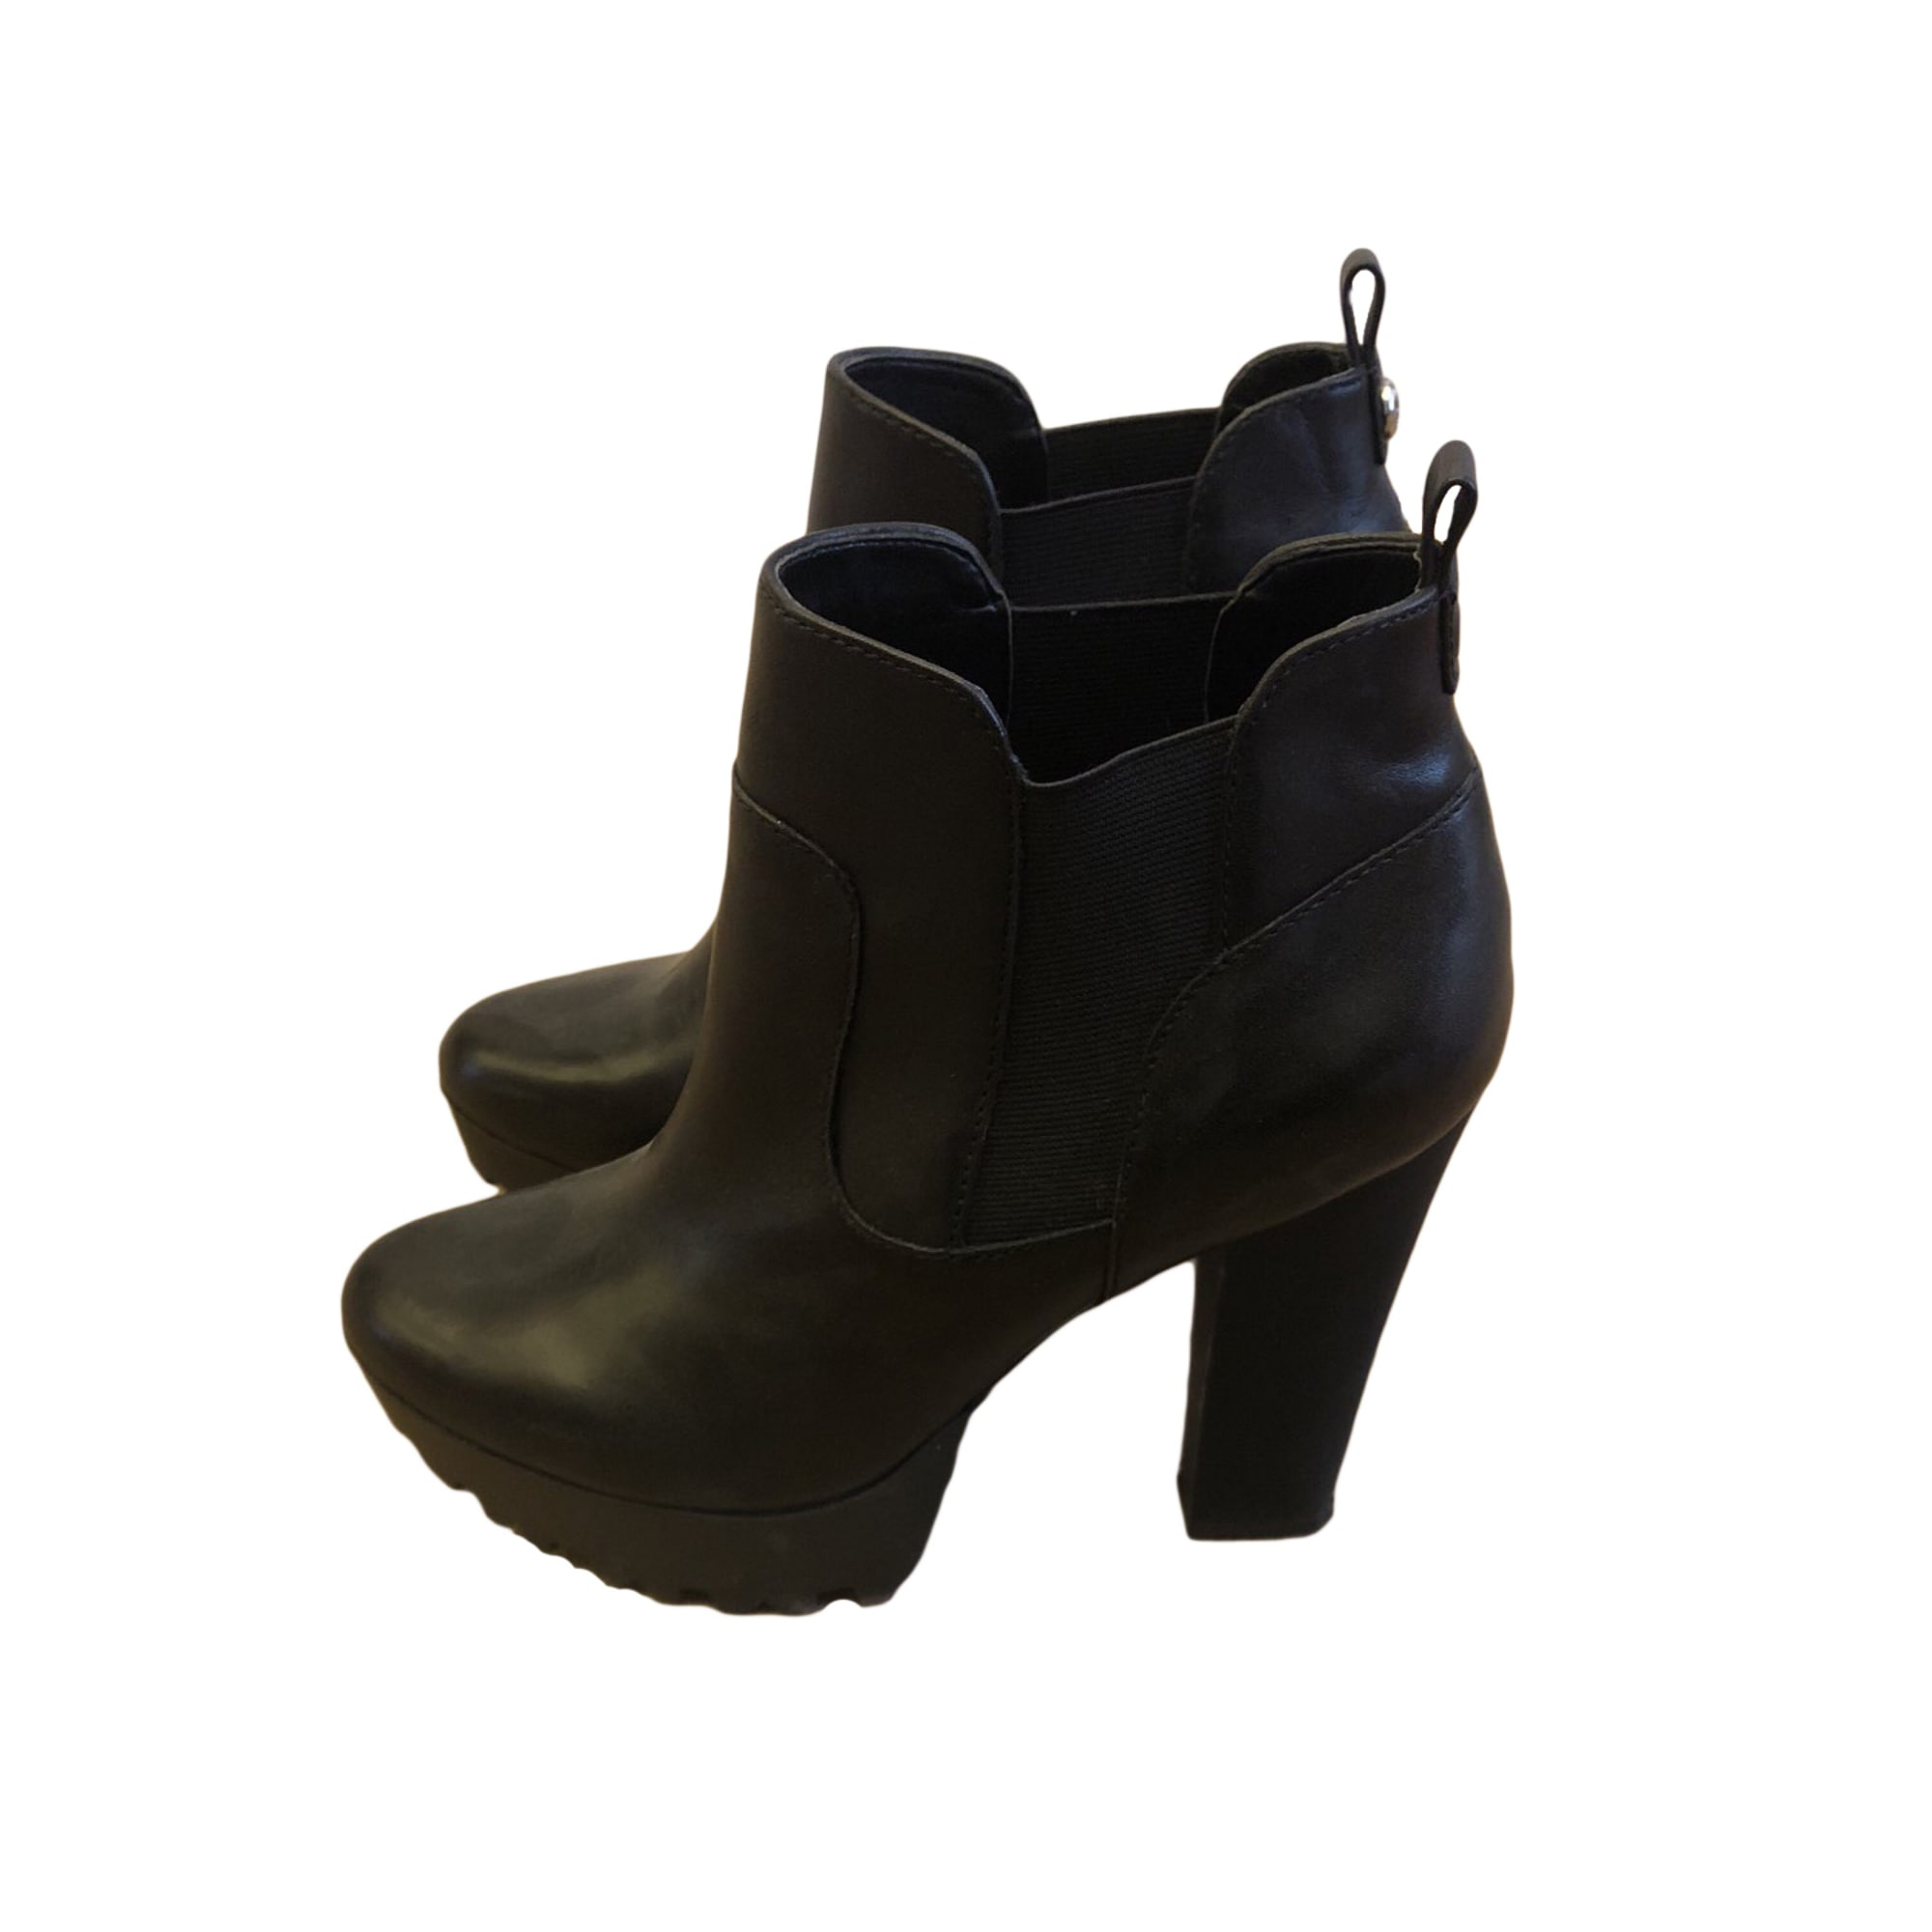 7954621 Noir 38 Guess Boots Bottines Low À Compensés amp; 8C4OqC